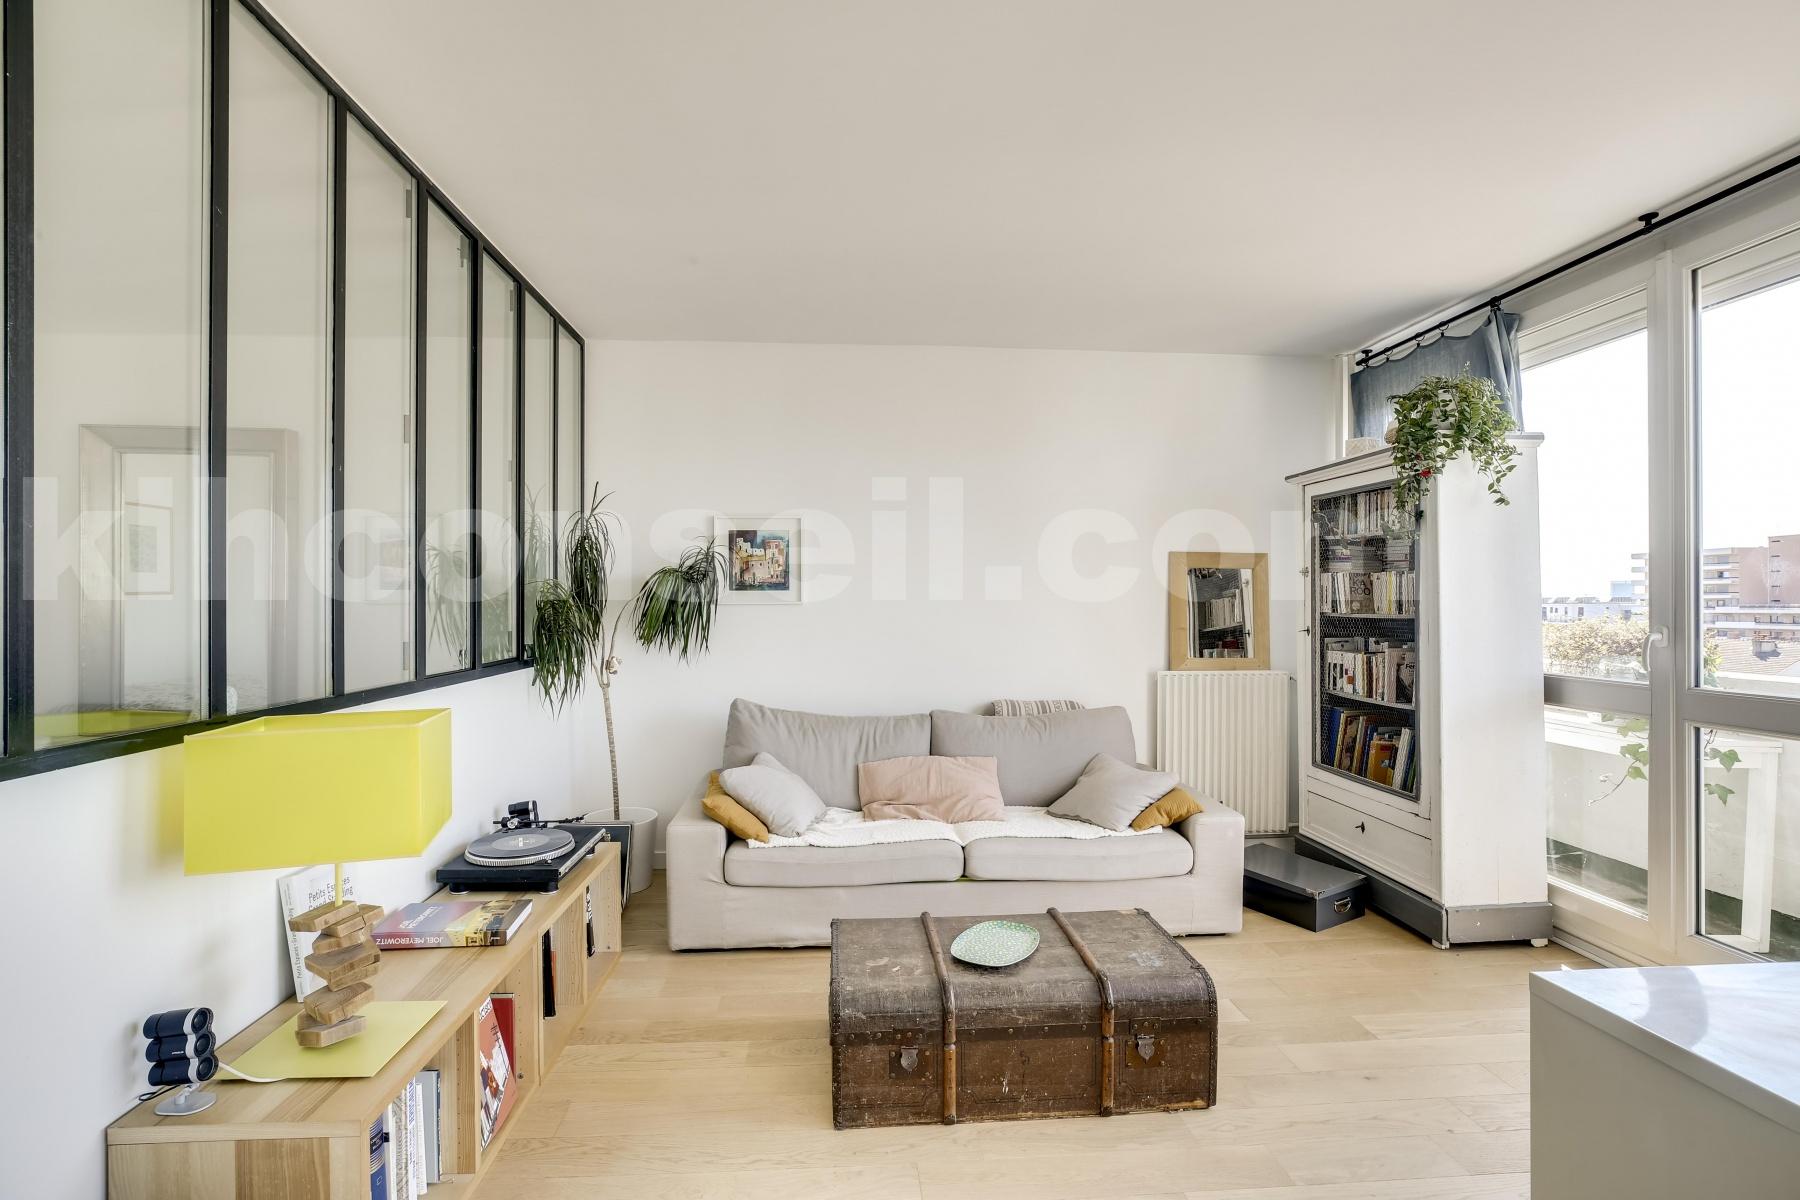 Vente Appartement de 4 pièces 77 m² - COLOMBES 92700 | KLH Conseil - AR photo5